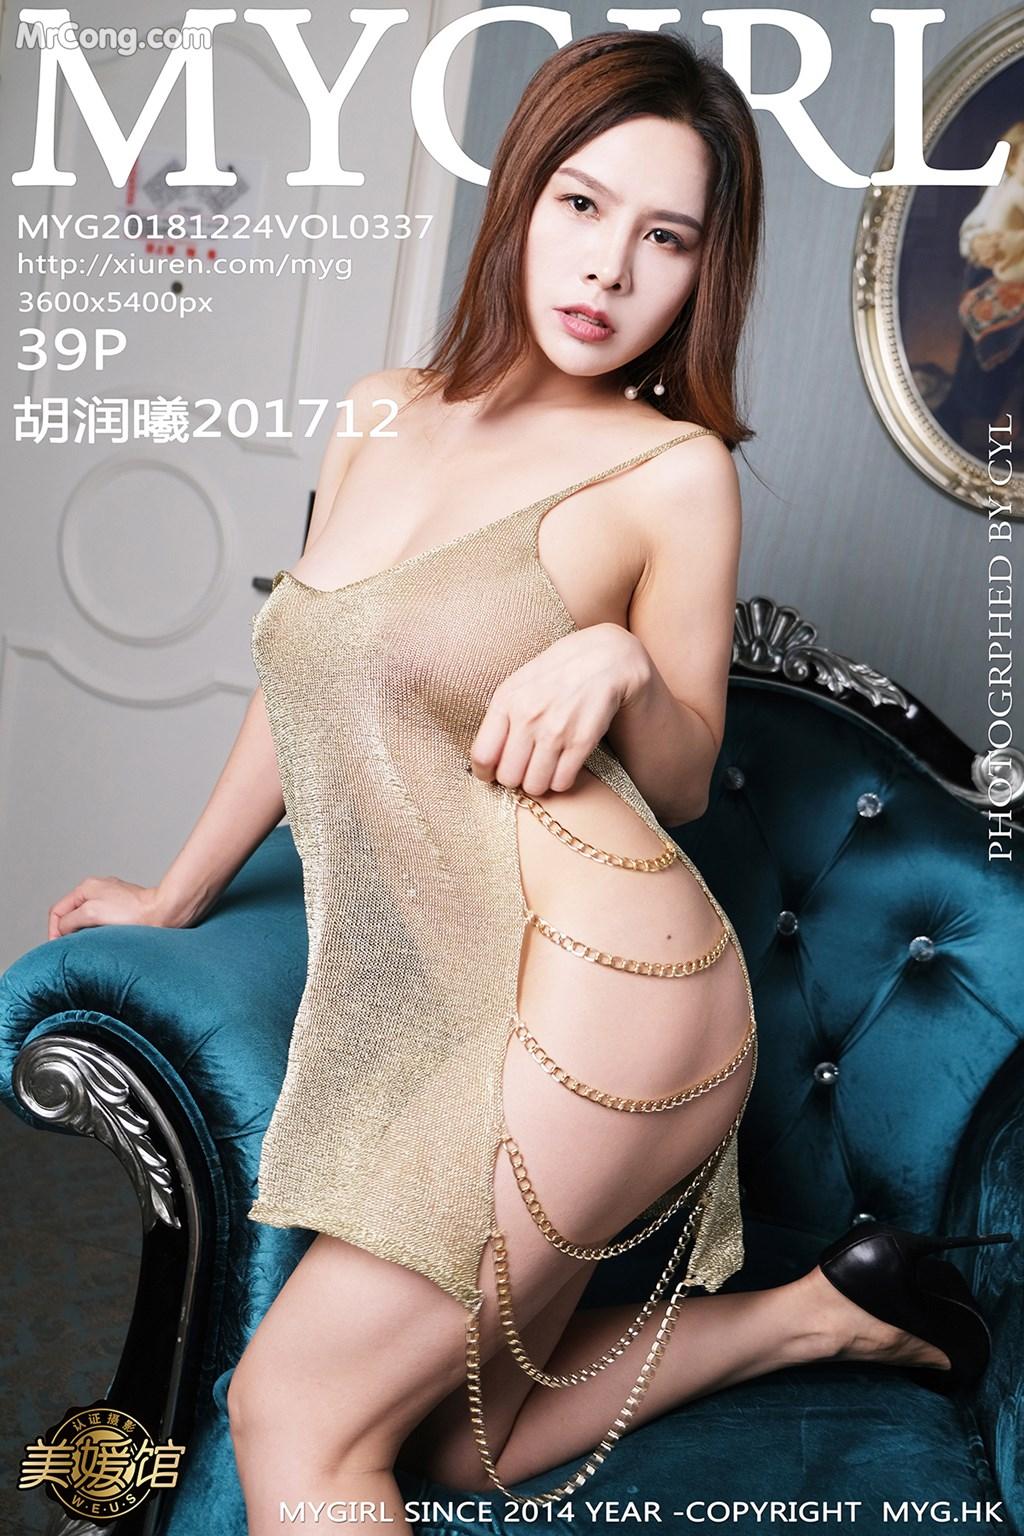 MyGirl Vol.337: Người mẫu 胡润曦201712 (40 ảnh)